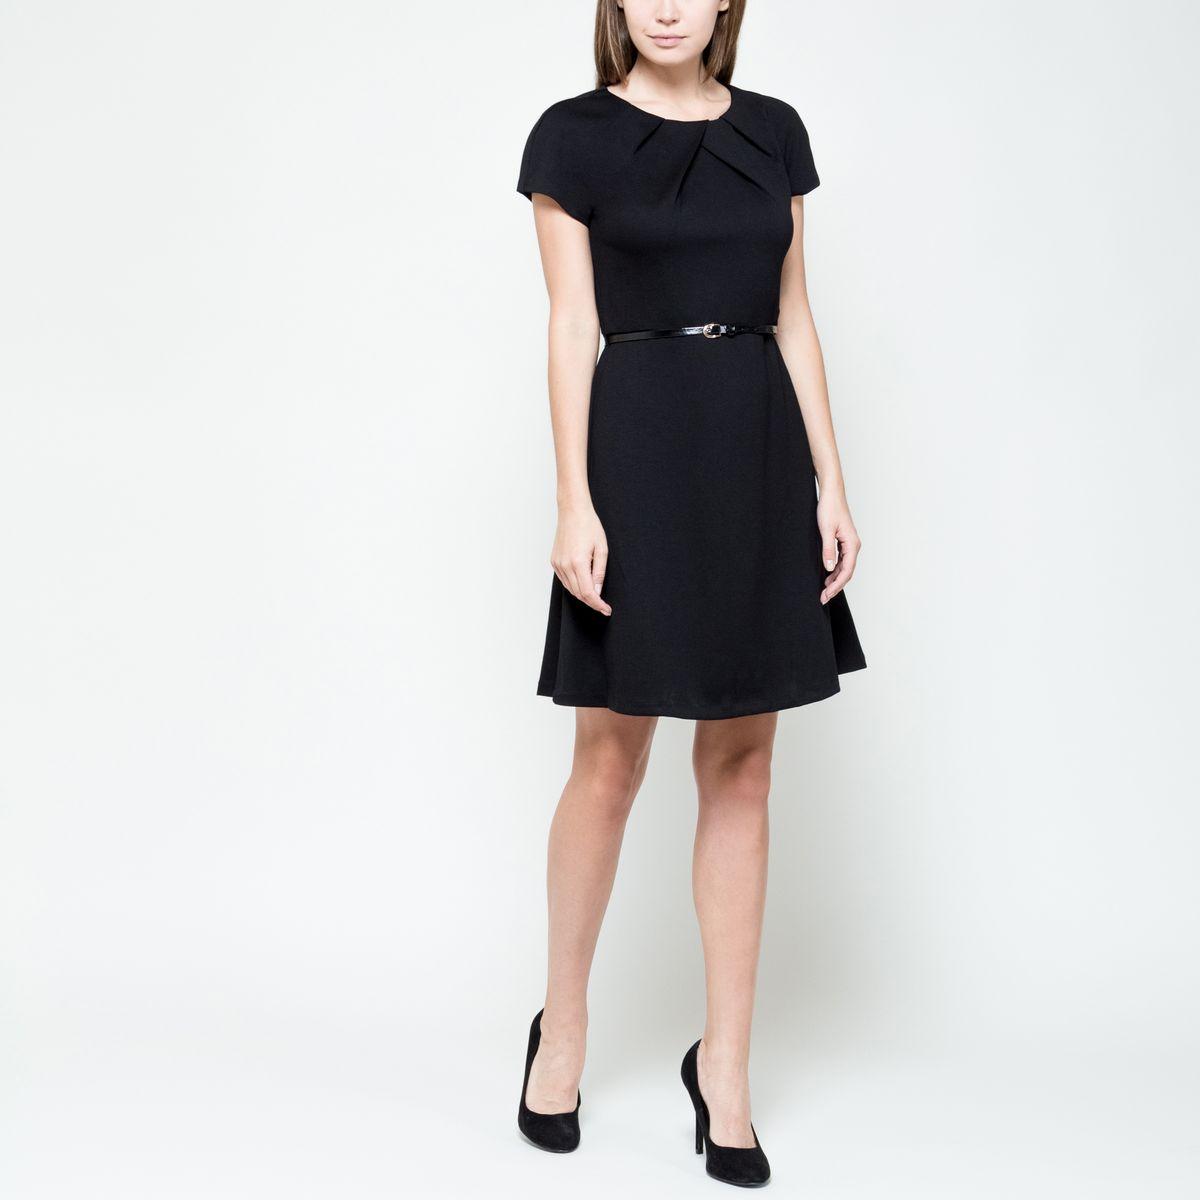 Платье Sela Collection, цвет: черный. Dks-117/1015-6391. Размер M (46)Dks-117/1015-6391Платье Sela Collection выполнено из полиэстера с добавлением вискозы и эластана. Модель с круглым вырезом горловины и короткими рукавами-реглан застёгивается на потайную застежку-молнию расположенную в среднем шве спинки. Платье-мили спереди оформлено мягкими складками и дополнен узким пояском.